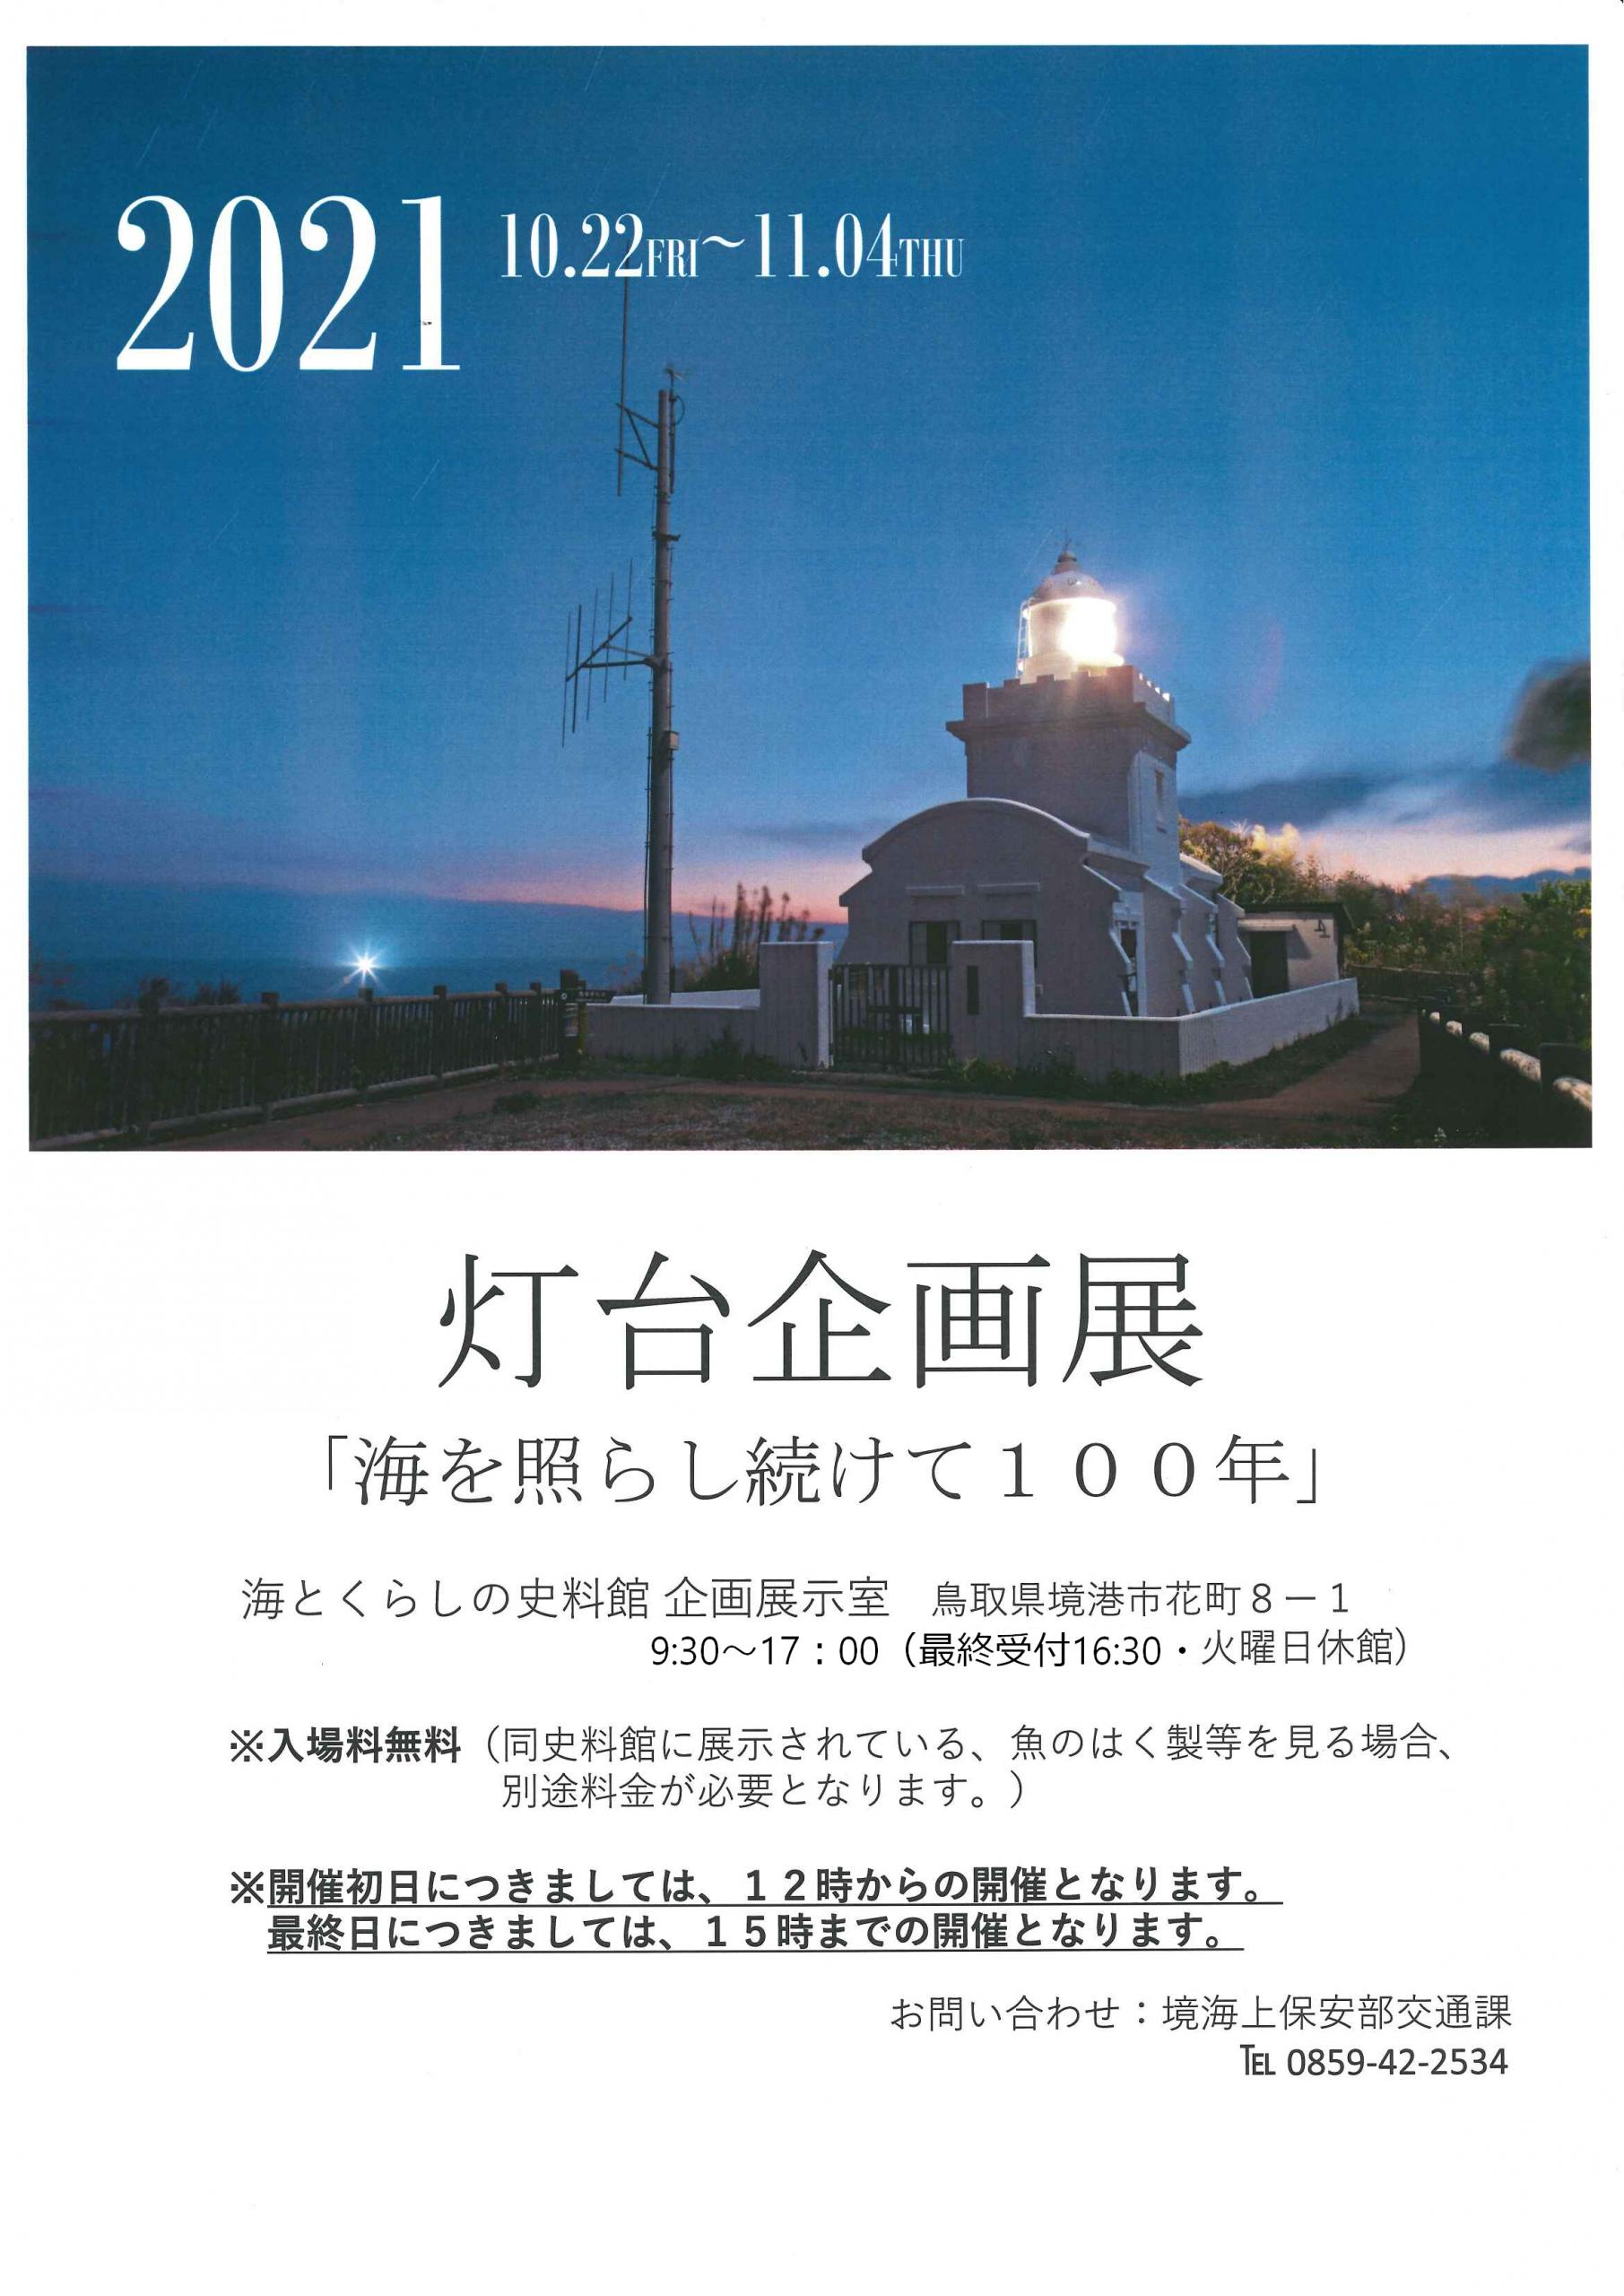 海上保安庁_灯台企画展時間修正